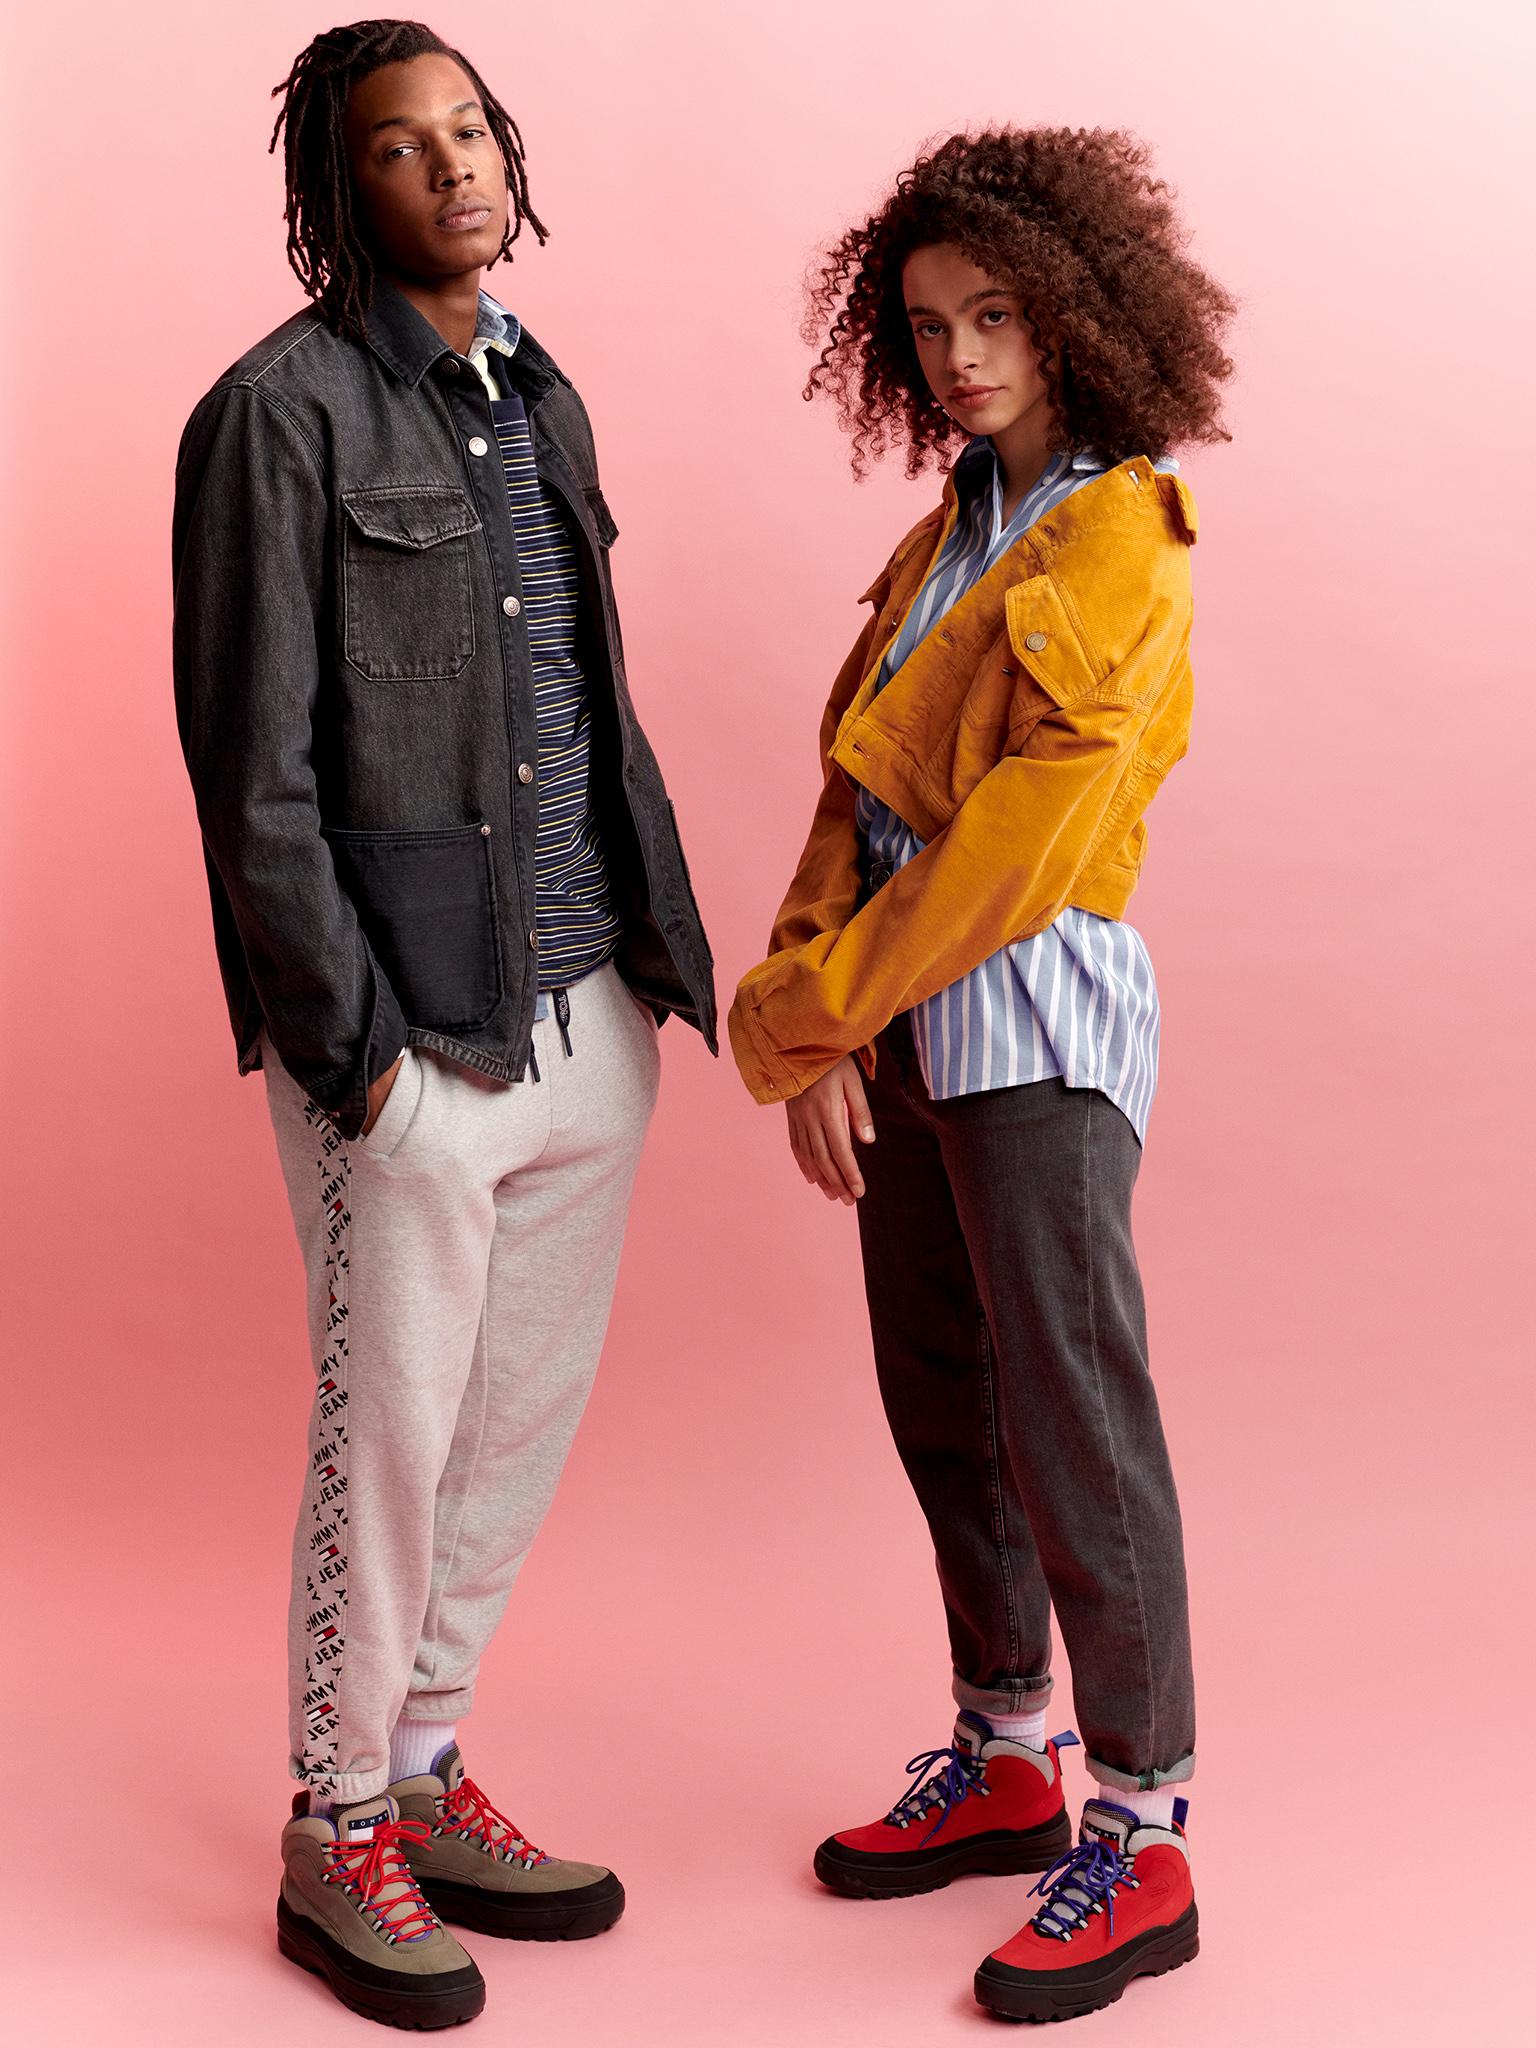 TH_Fall2019_TommyJeans_Lookbook_Group_Look05_Look06.jpg